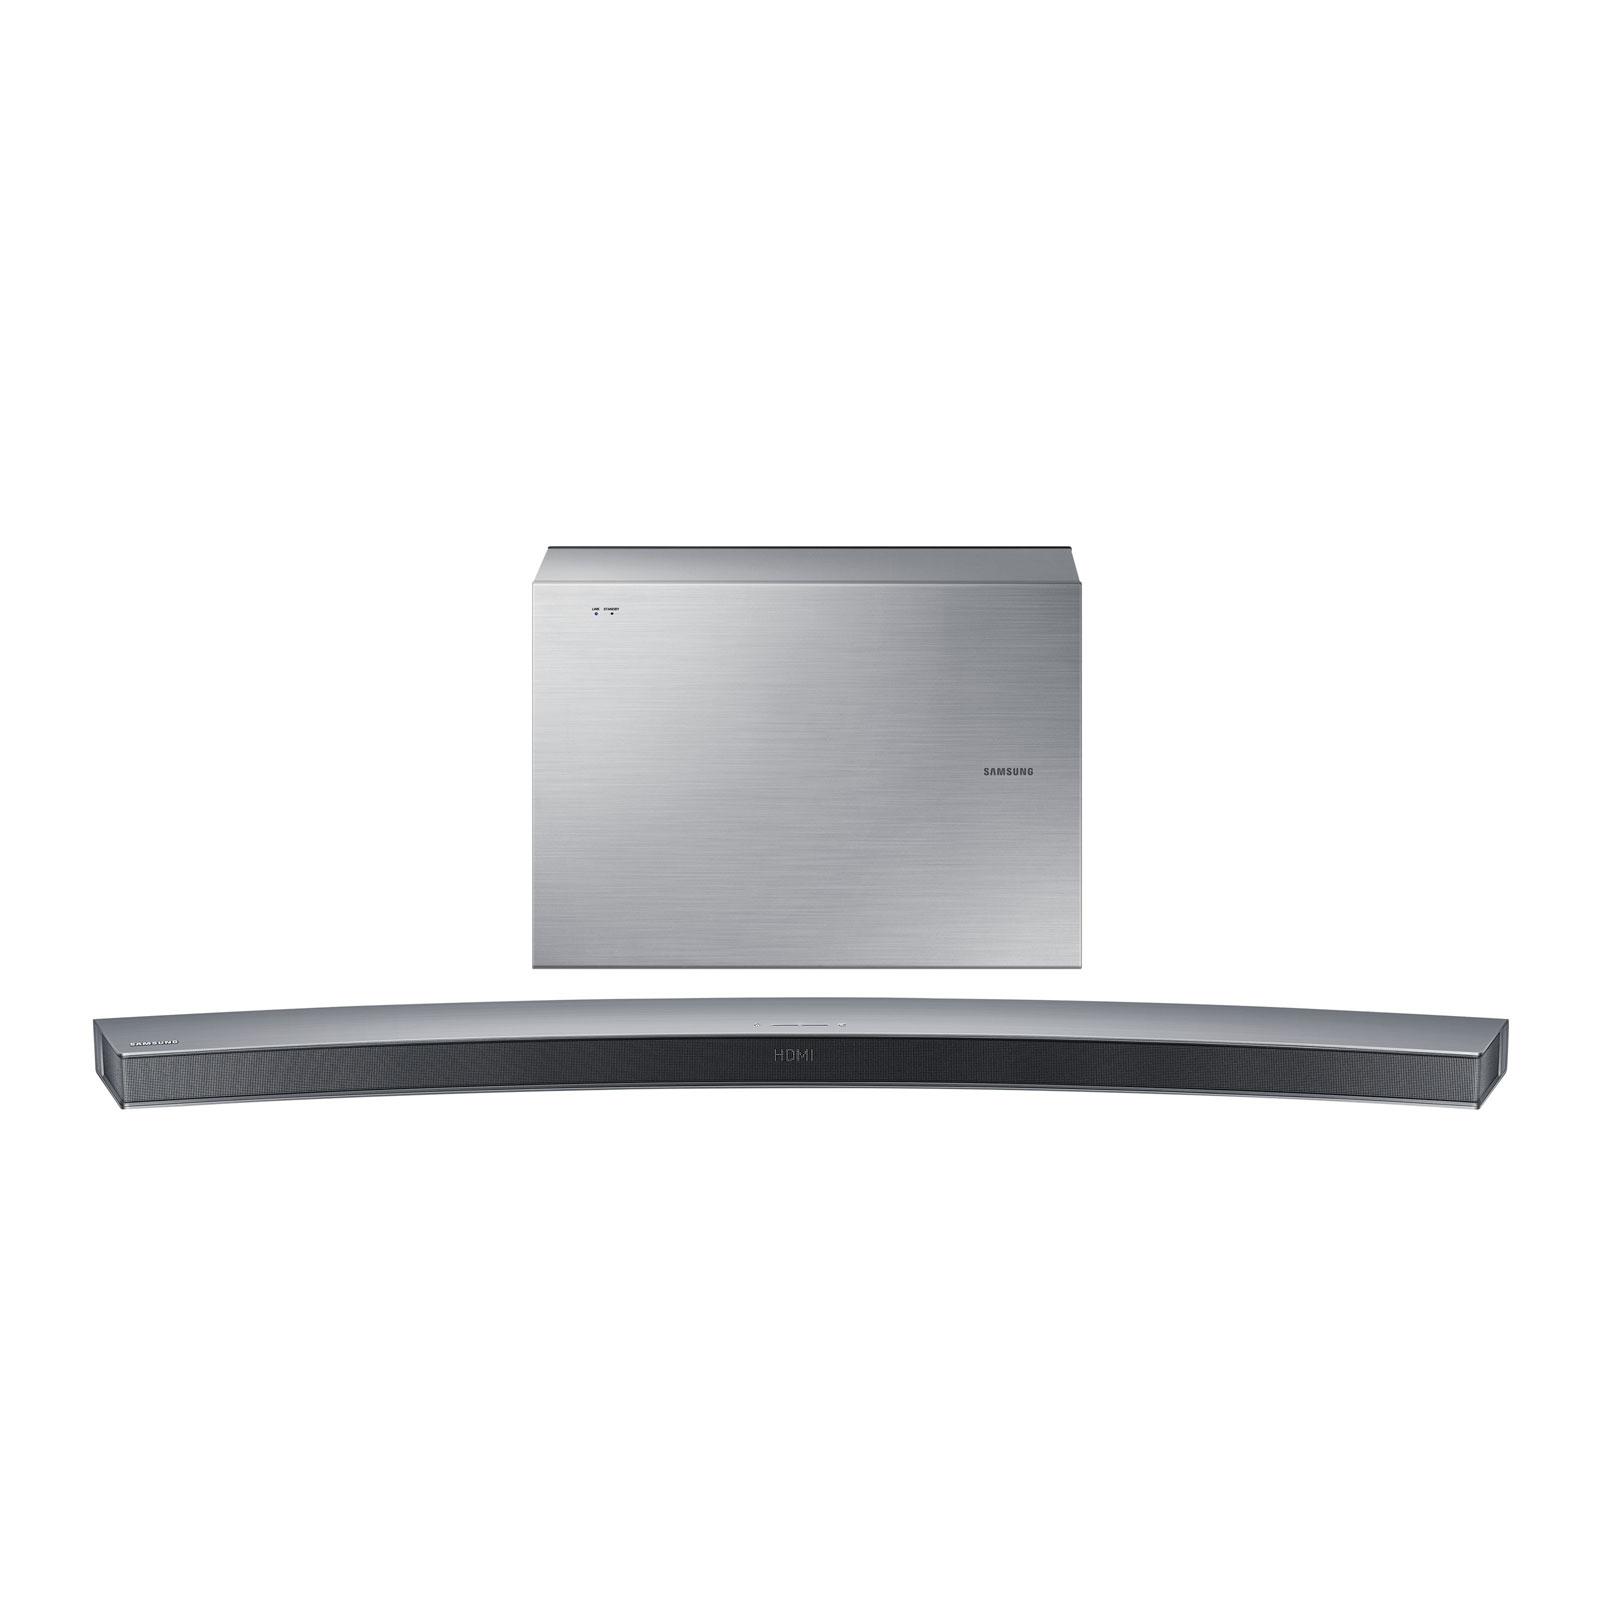 Barre de son Samsung HW-J6001R Barre de son incurvée 6.1 avec caisson de basses sans fil